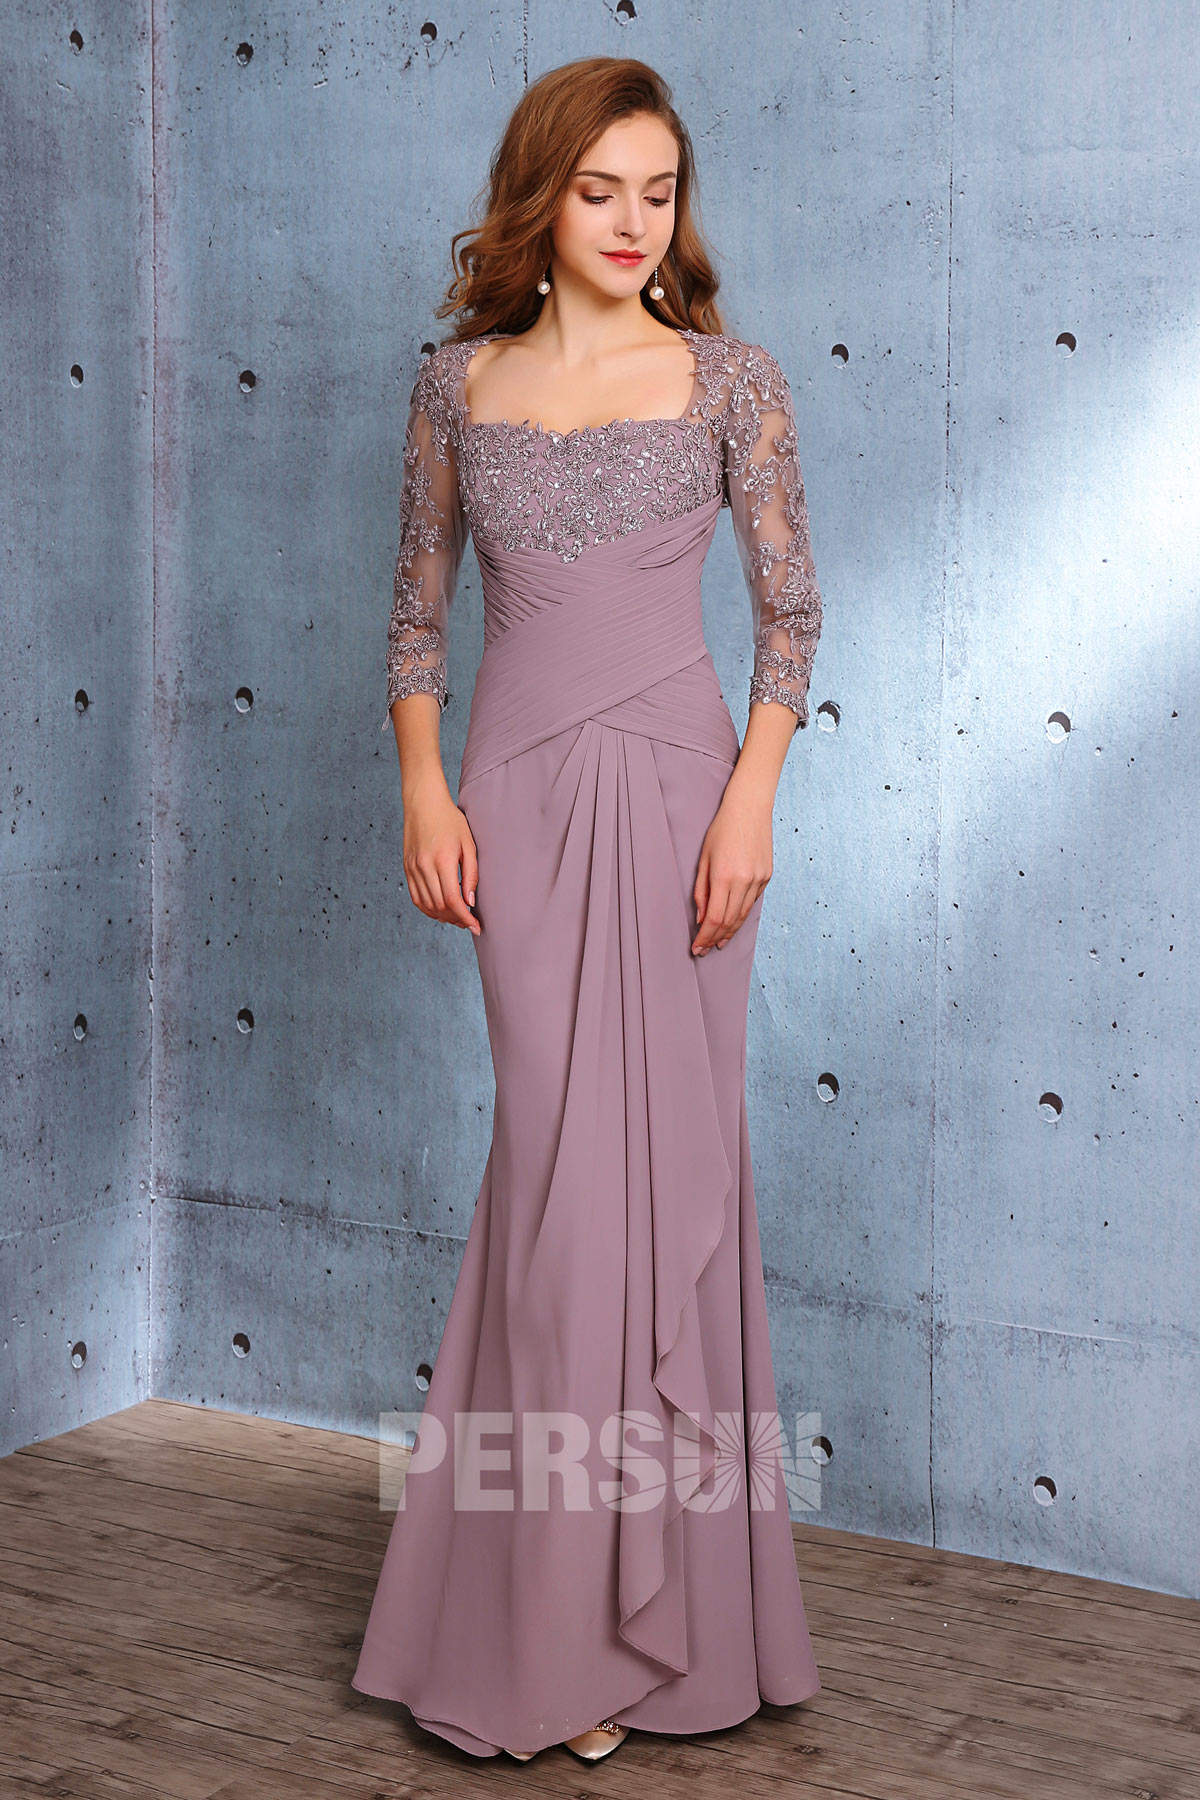 robe longue parme sirène à manche dentelle avec drapé sur la jupe